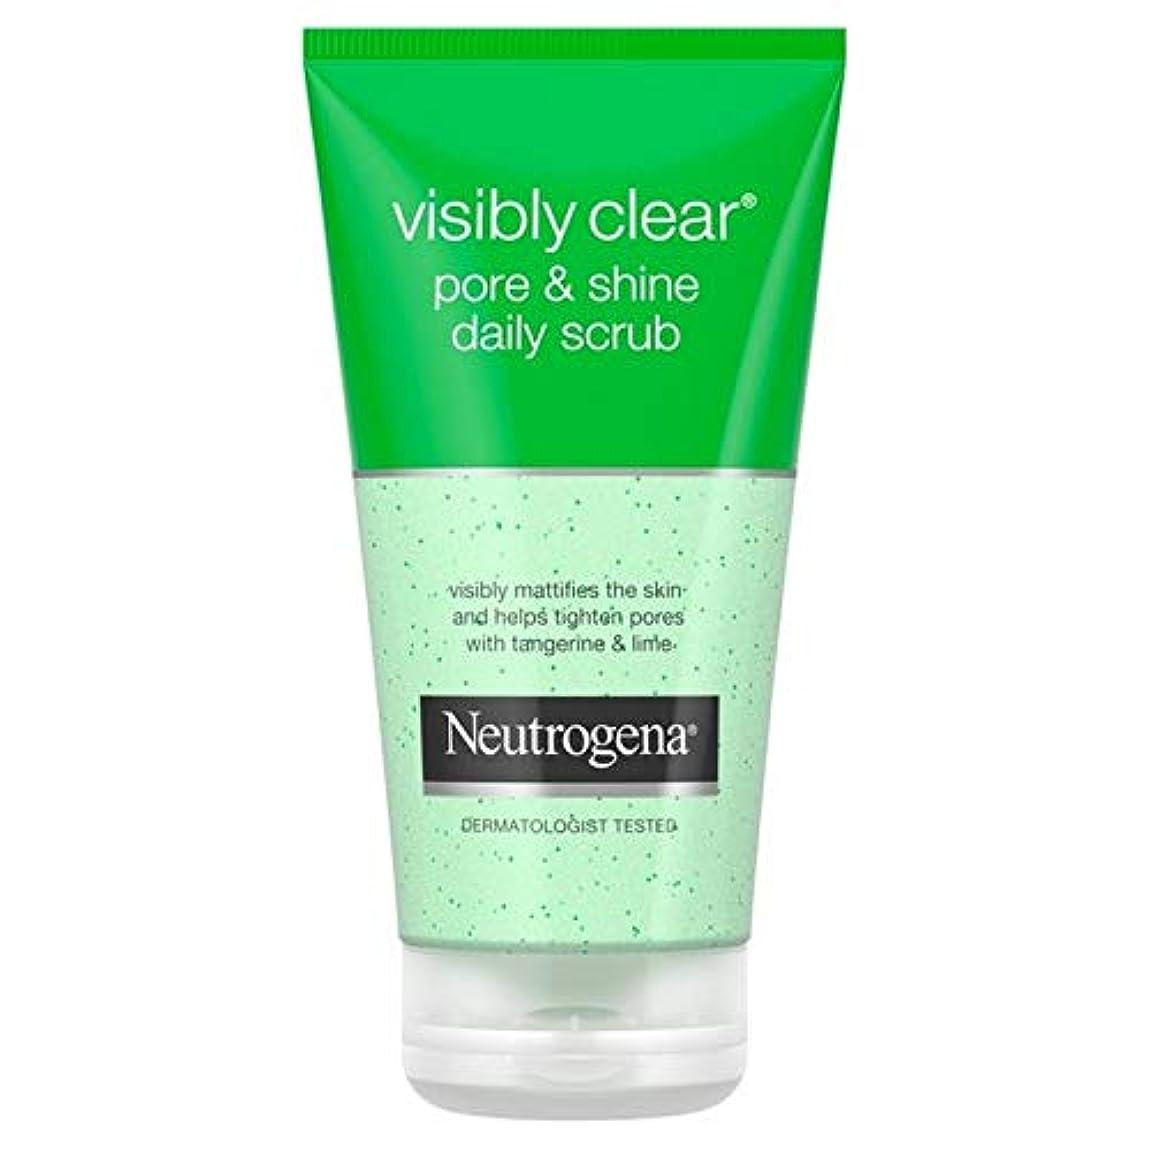 汚れたタバコ馬鹿げた[Neutrogena ] ニュートロジーナ目に見えて明らか輝き&ポアスクラブ150ミリリットル - Neutrogena Visibly Clear Shine & Pore Scrub 150ml [並行輸入品]